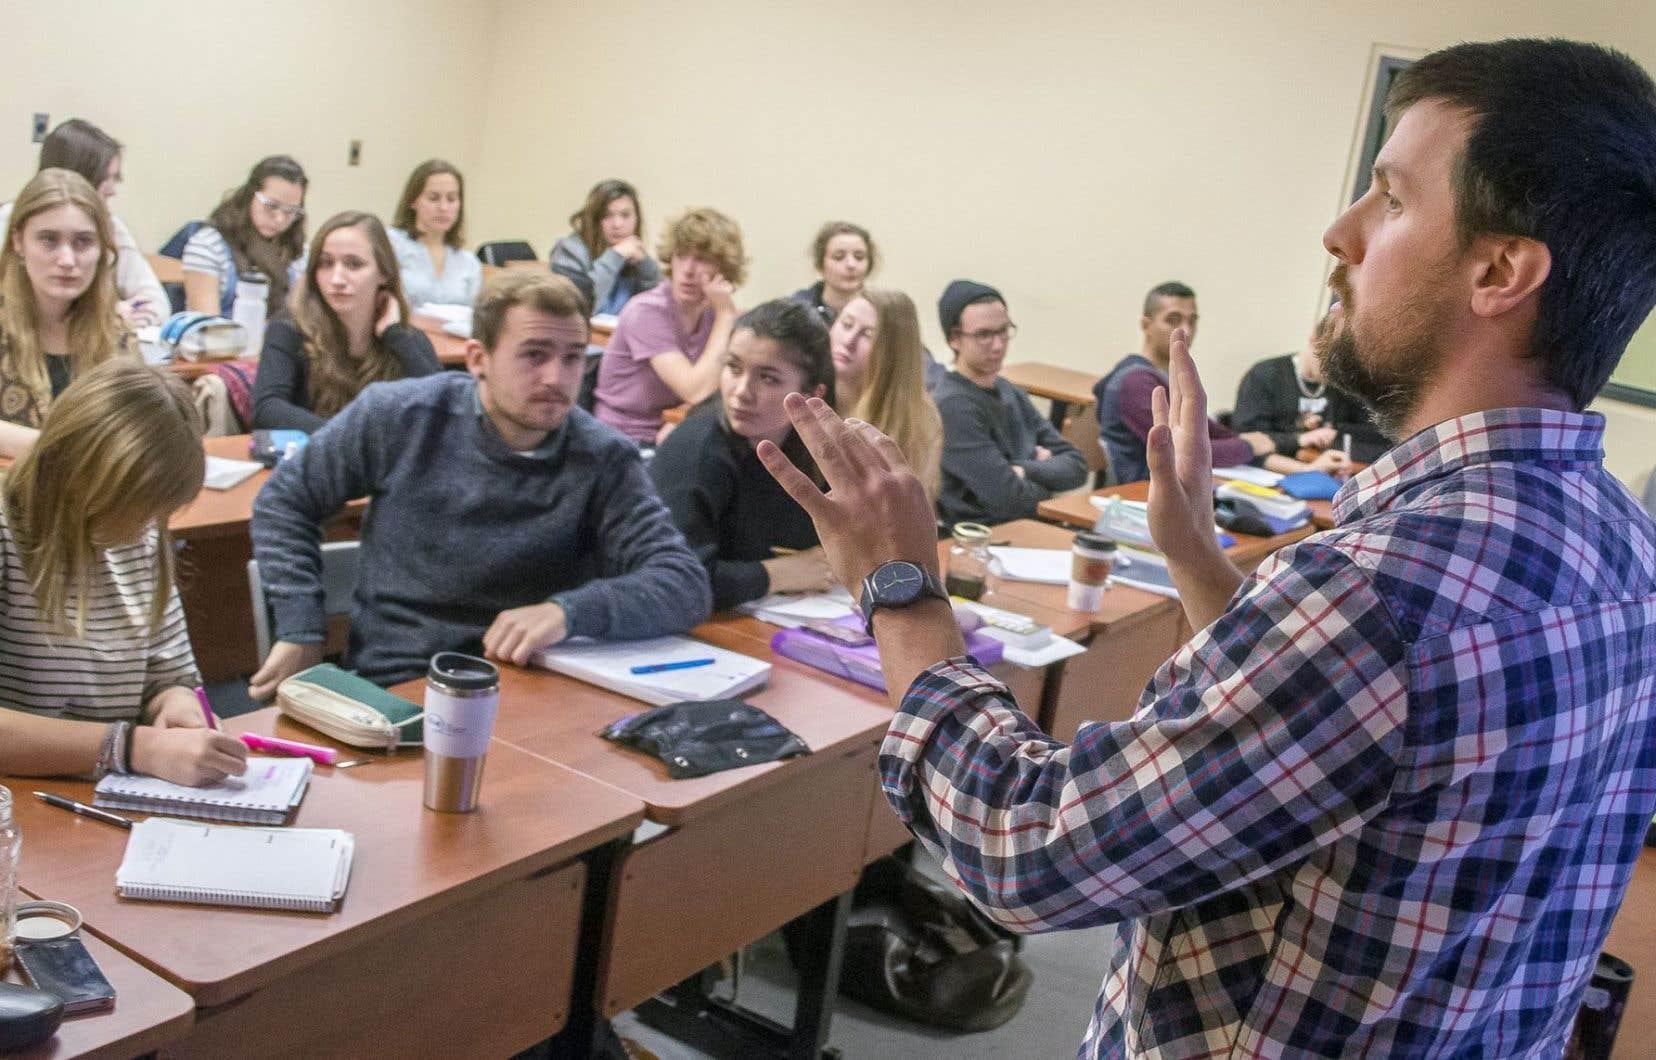 Au Québec, on constate que «90% des élèves qui fréquentent une école privée sont dans un établissement favorisé», 10% dans des écoles «moyennes» et aucun (0%) dans une école défavorisée.